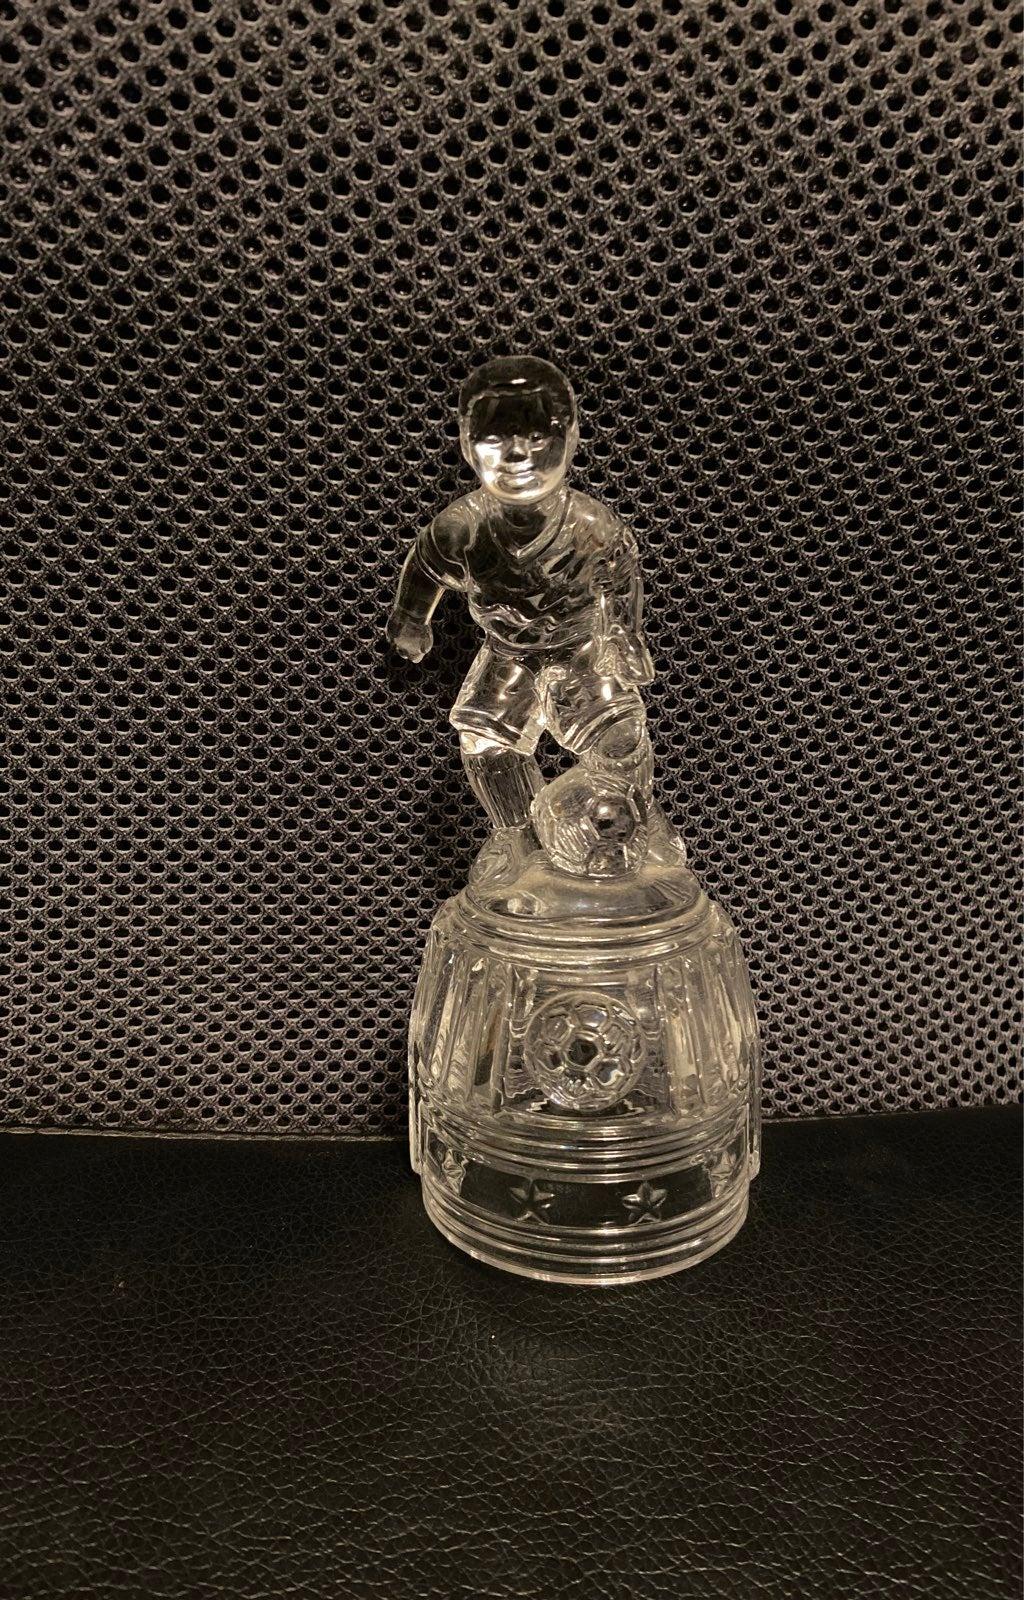 Princess house glass figure